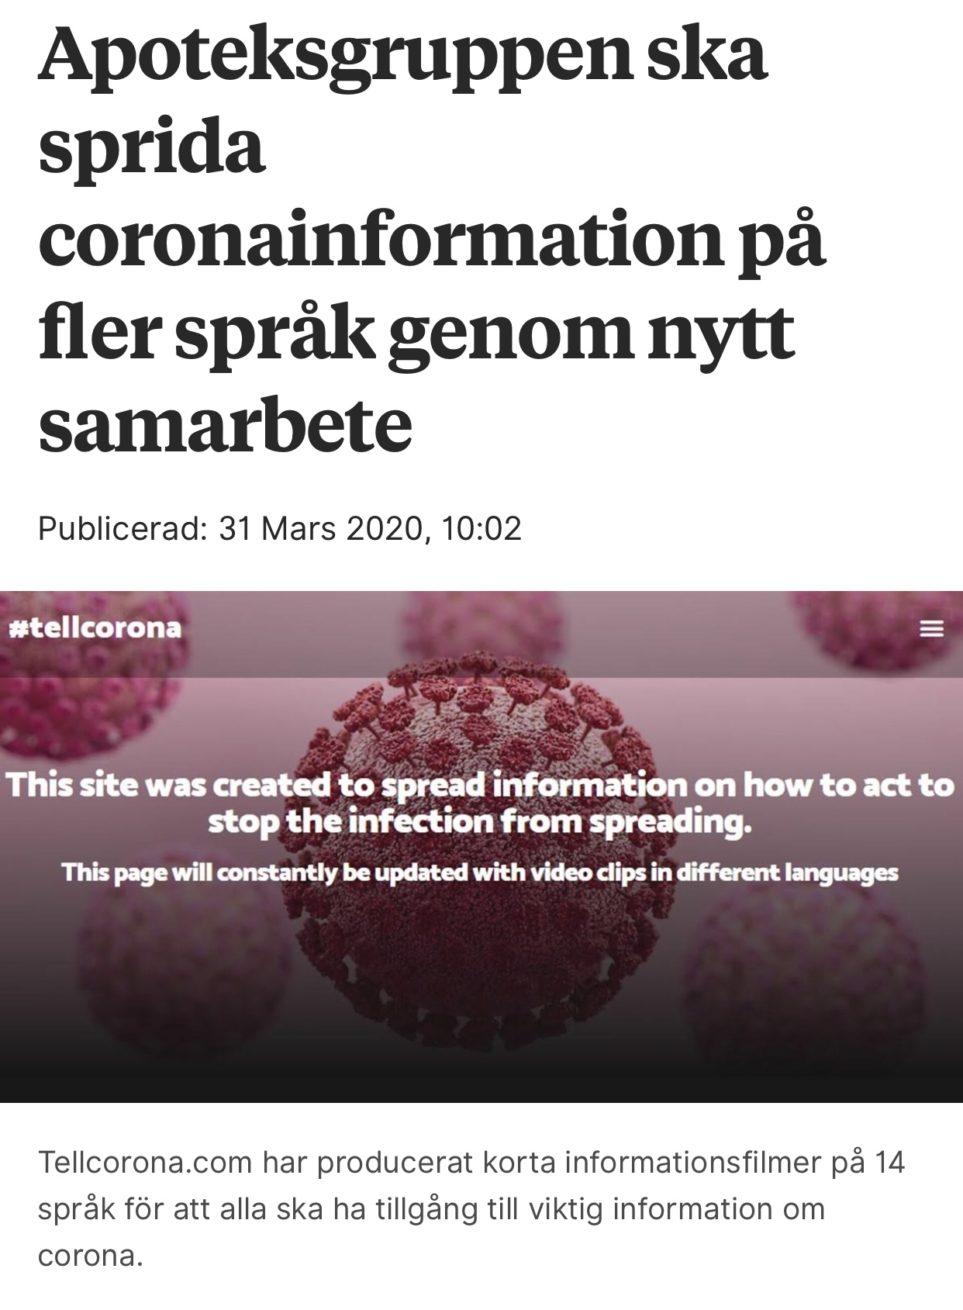 Publicering om Apoteksgrppens samarbete i syfte att sprida coronainformatio på fler språk